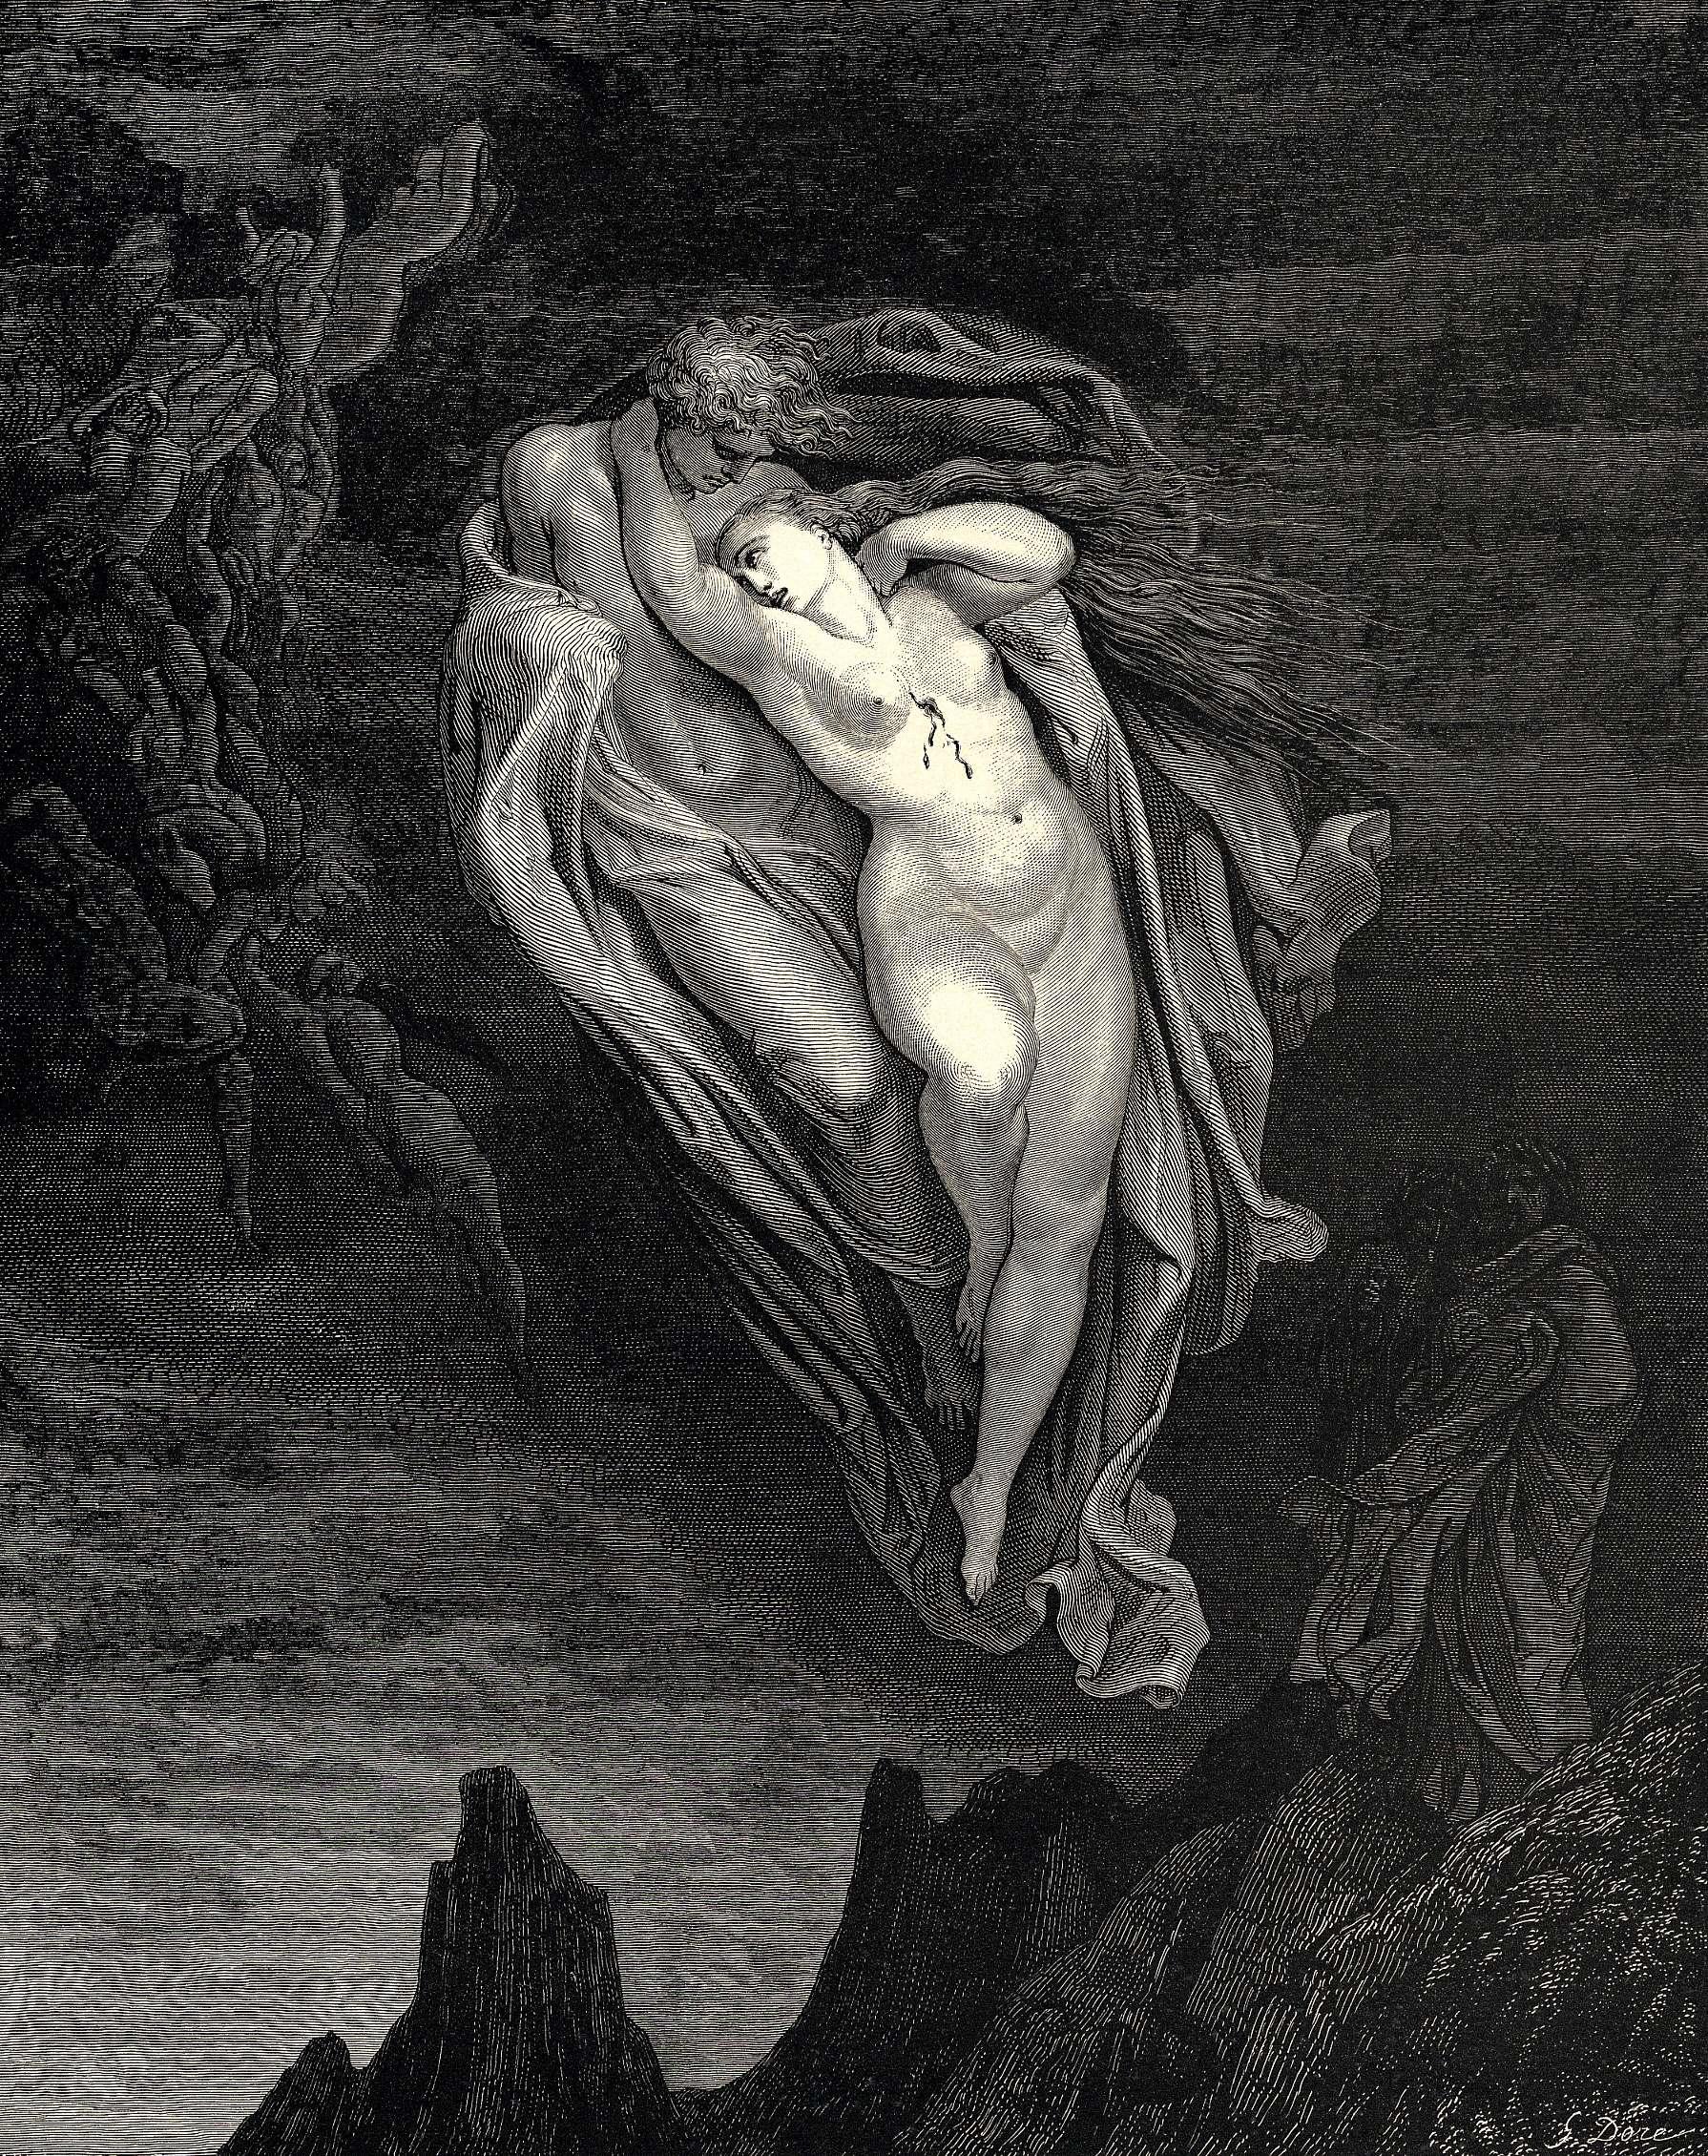 https://upload.wikimedia.org/wikipedia/commons/f/ff/Dore_Gustave_Francesca_and_Paolo_da_Rimini_Canto_5_73-75.jpg